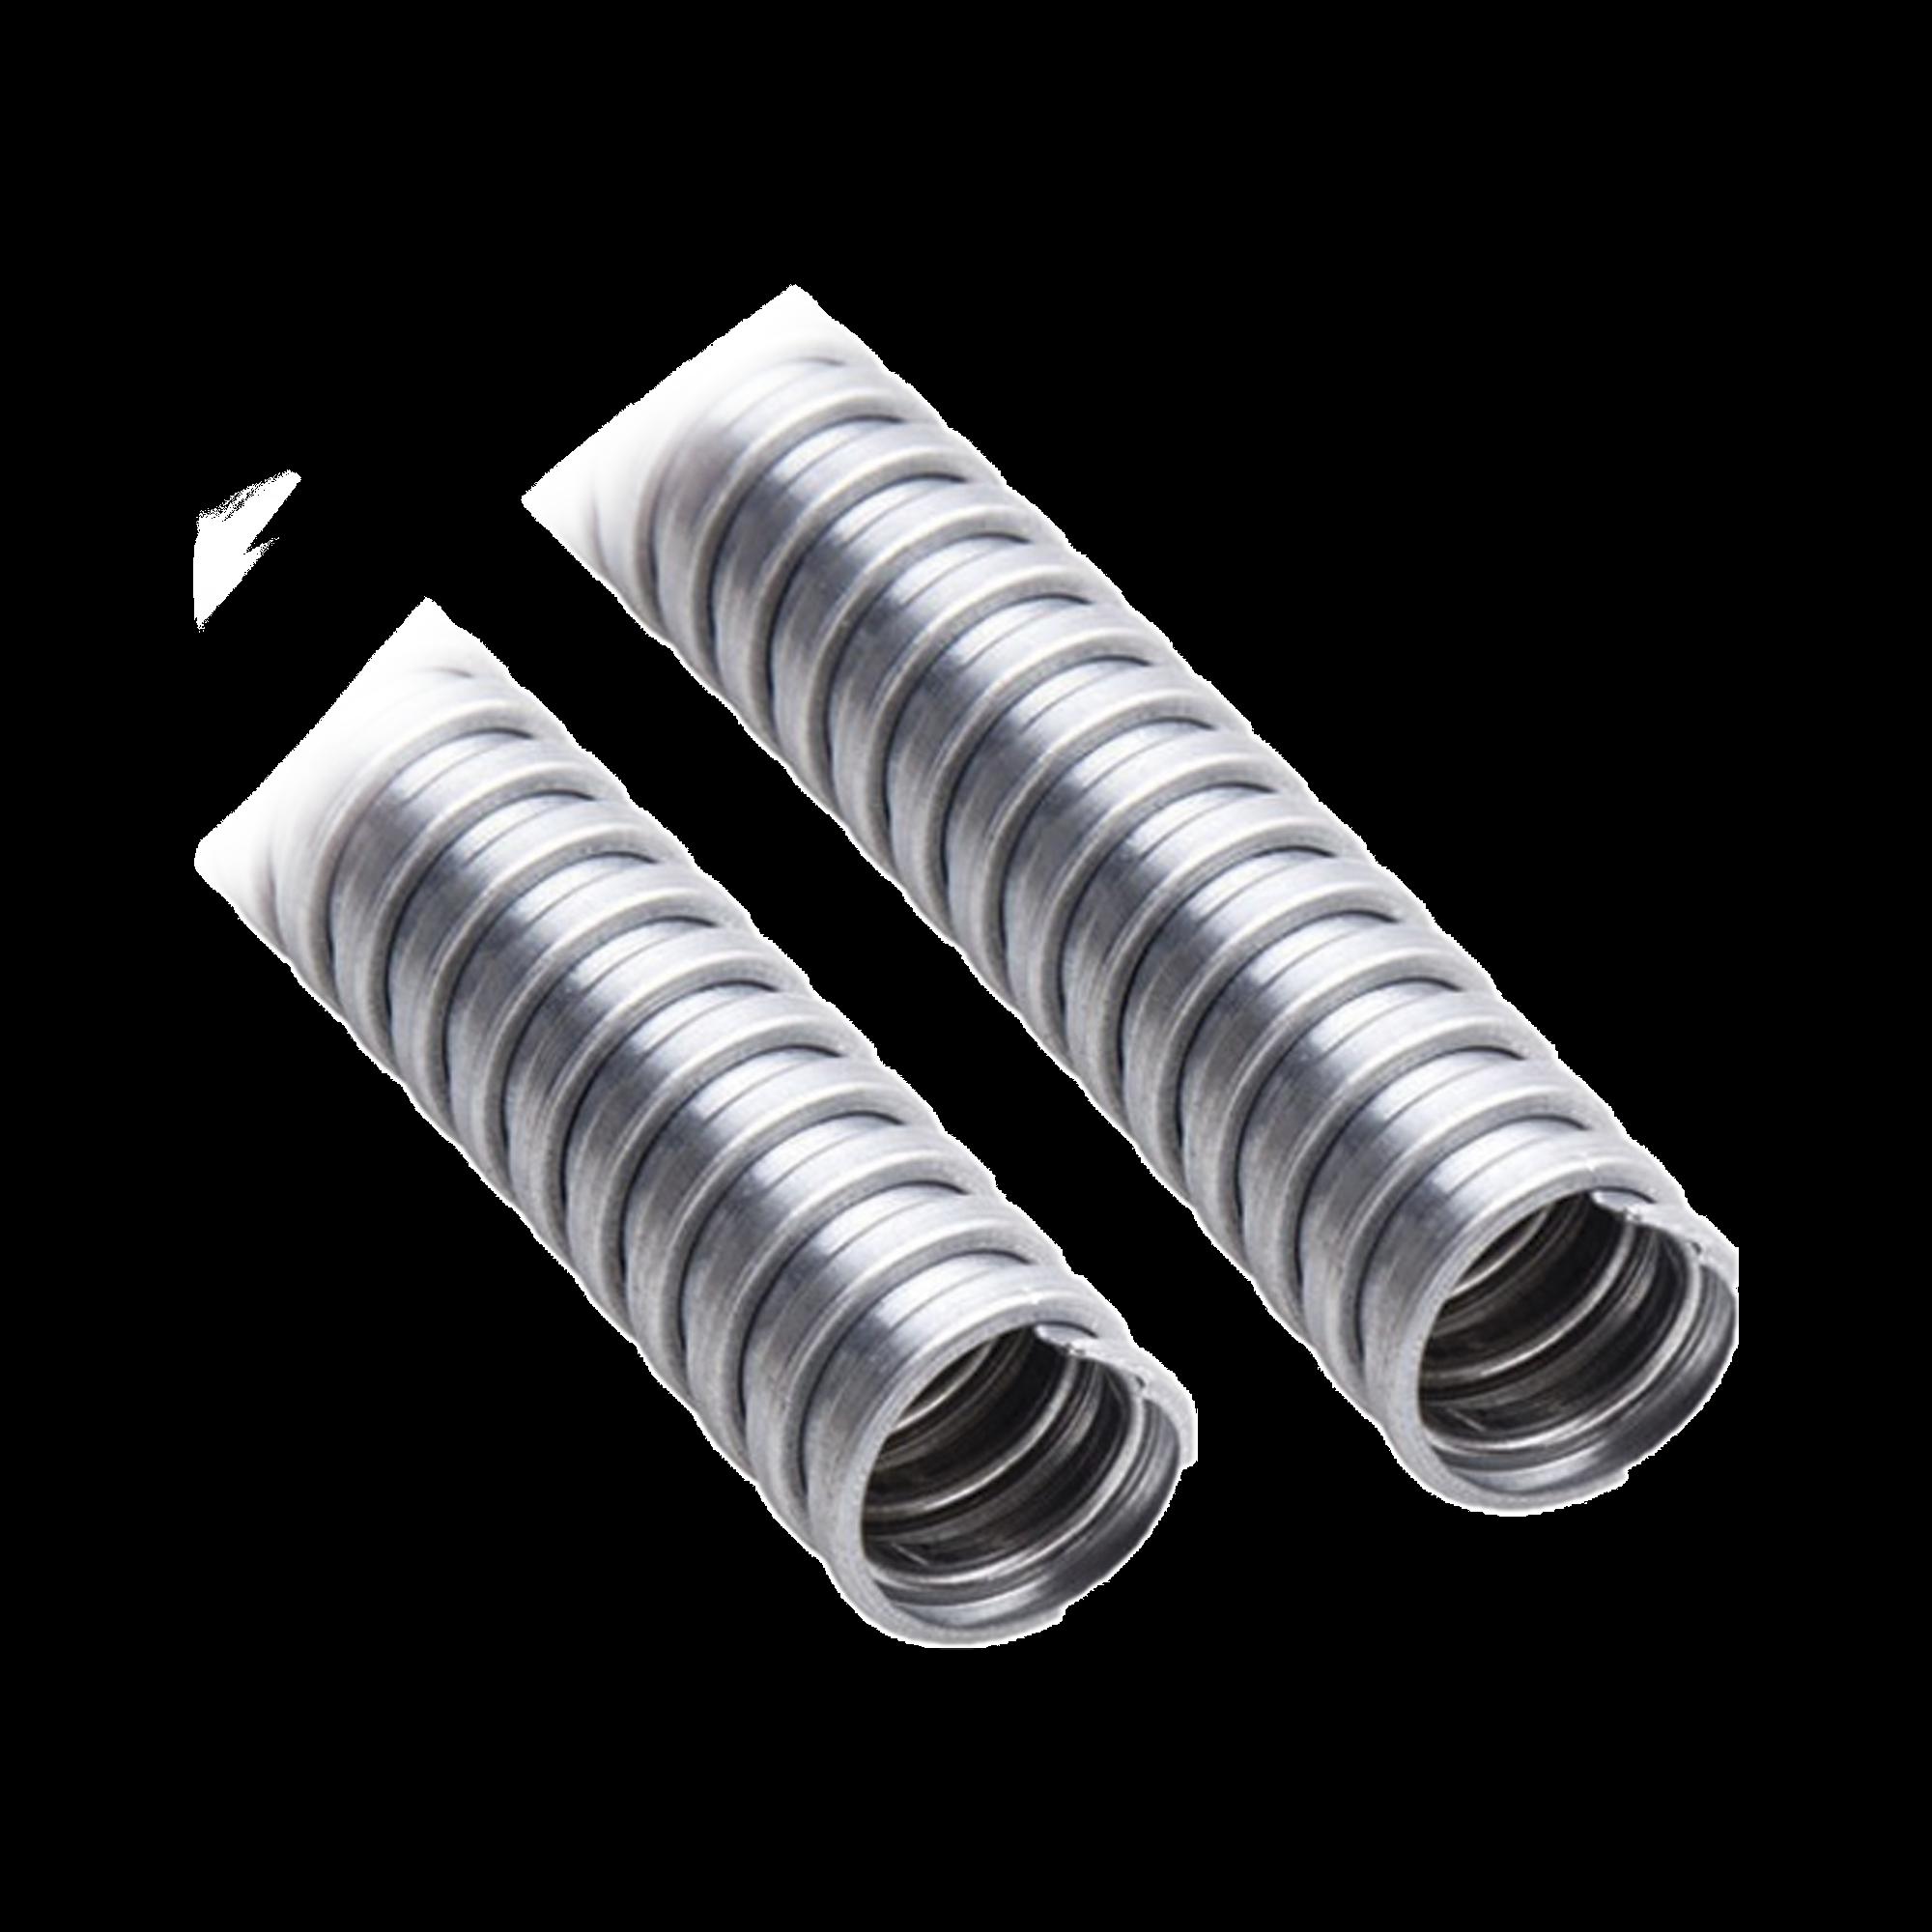 Tubo Flexible de 1/2 (13 mm) en Acero Galvanizado. Rollo con 50 m.